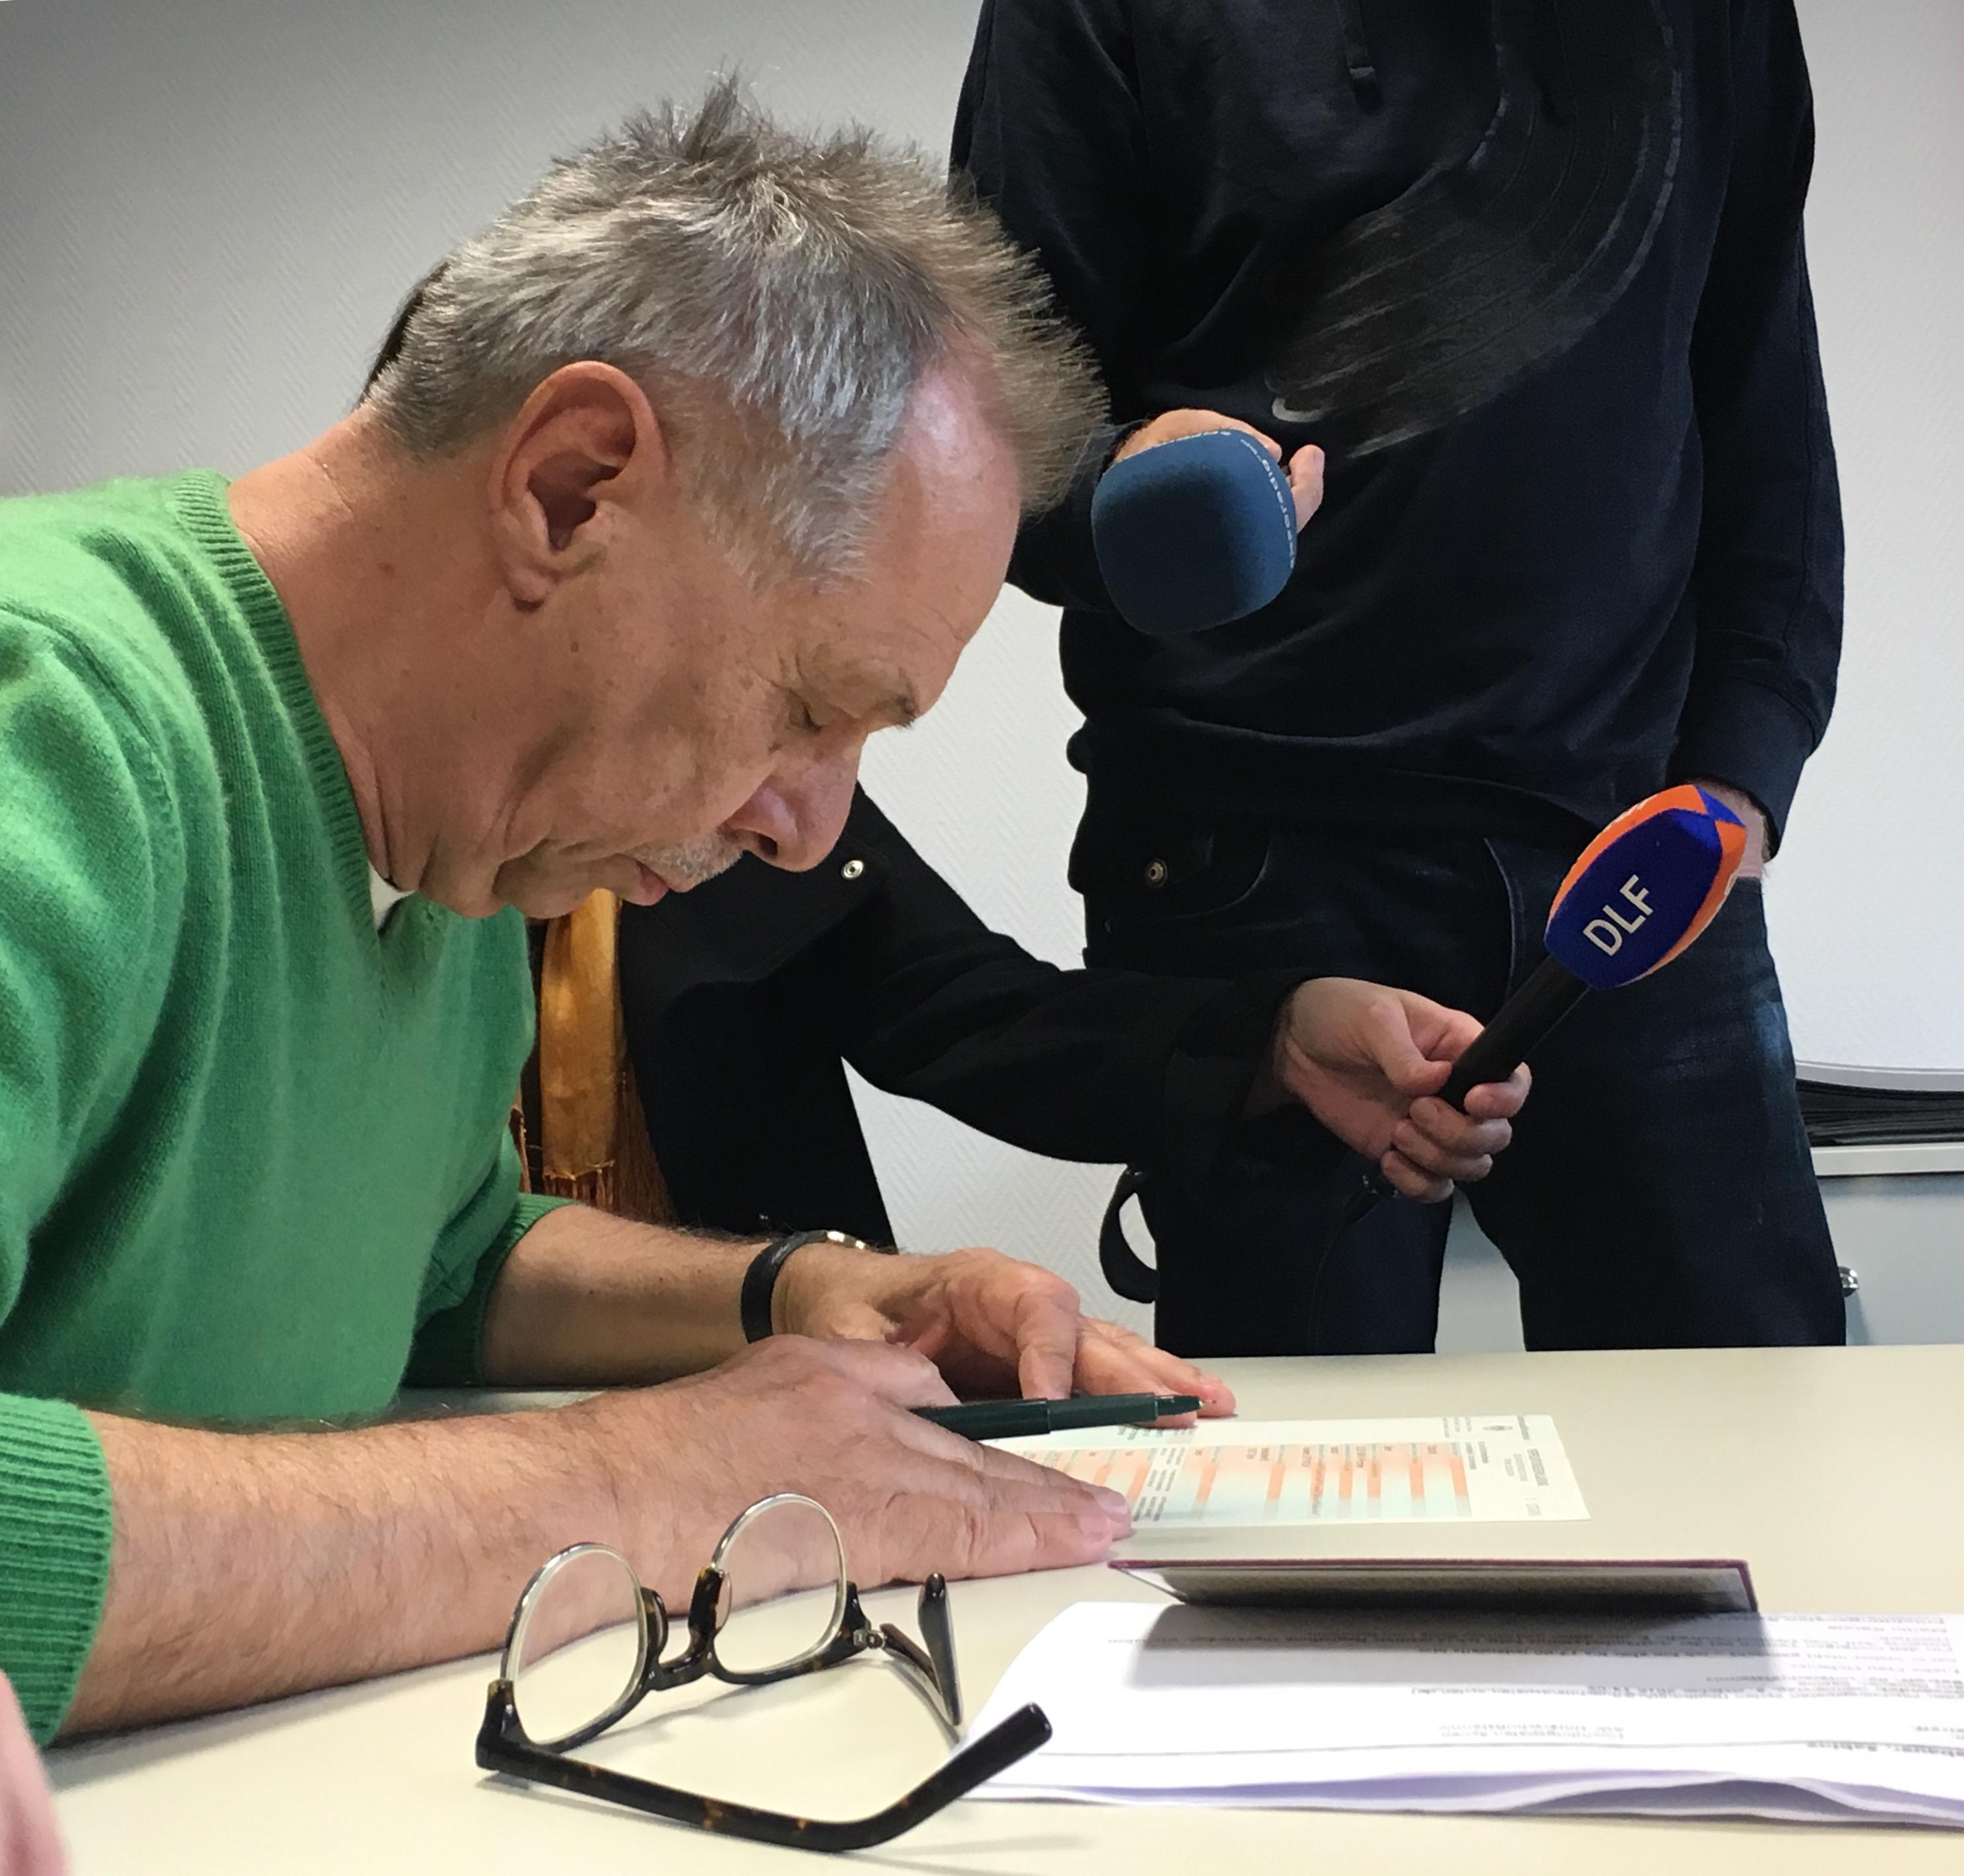 Berlinale-Direktor Kosslick: Eine Unterschrift, die ein Leben rettet.